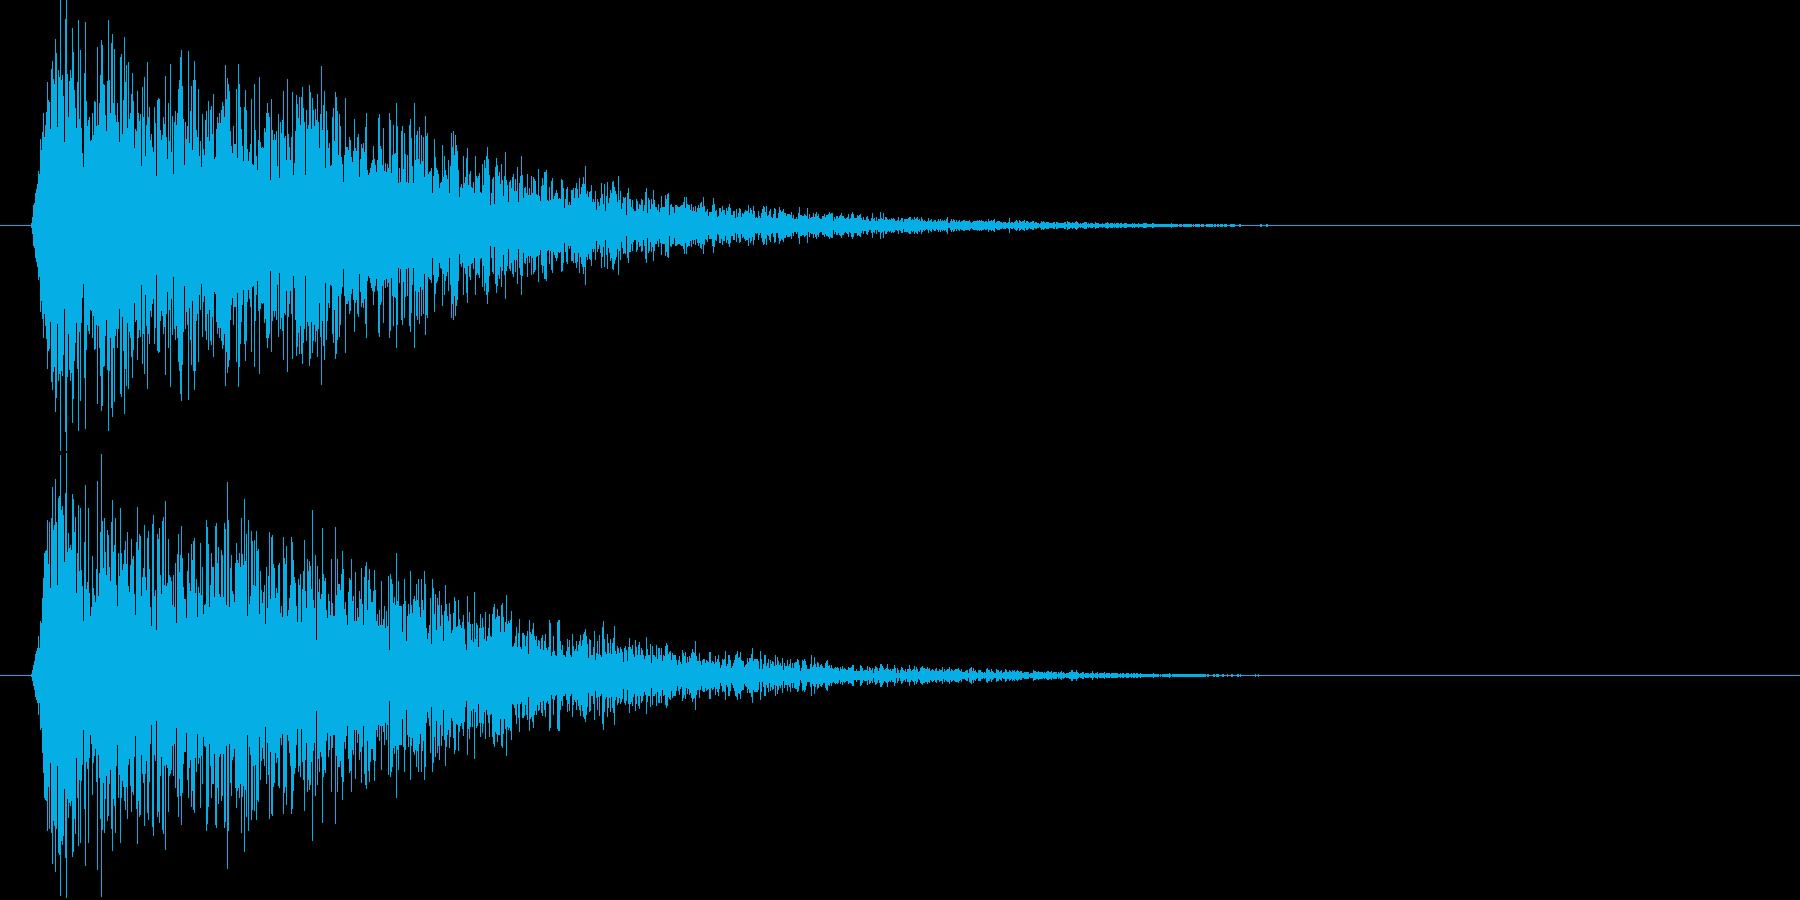 ガキーン(大地を切り裂く斬撃音)の再生済みの波形